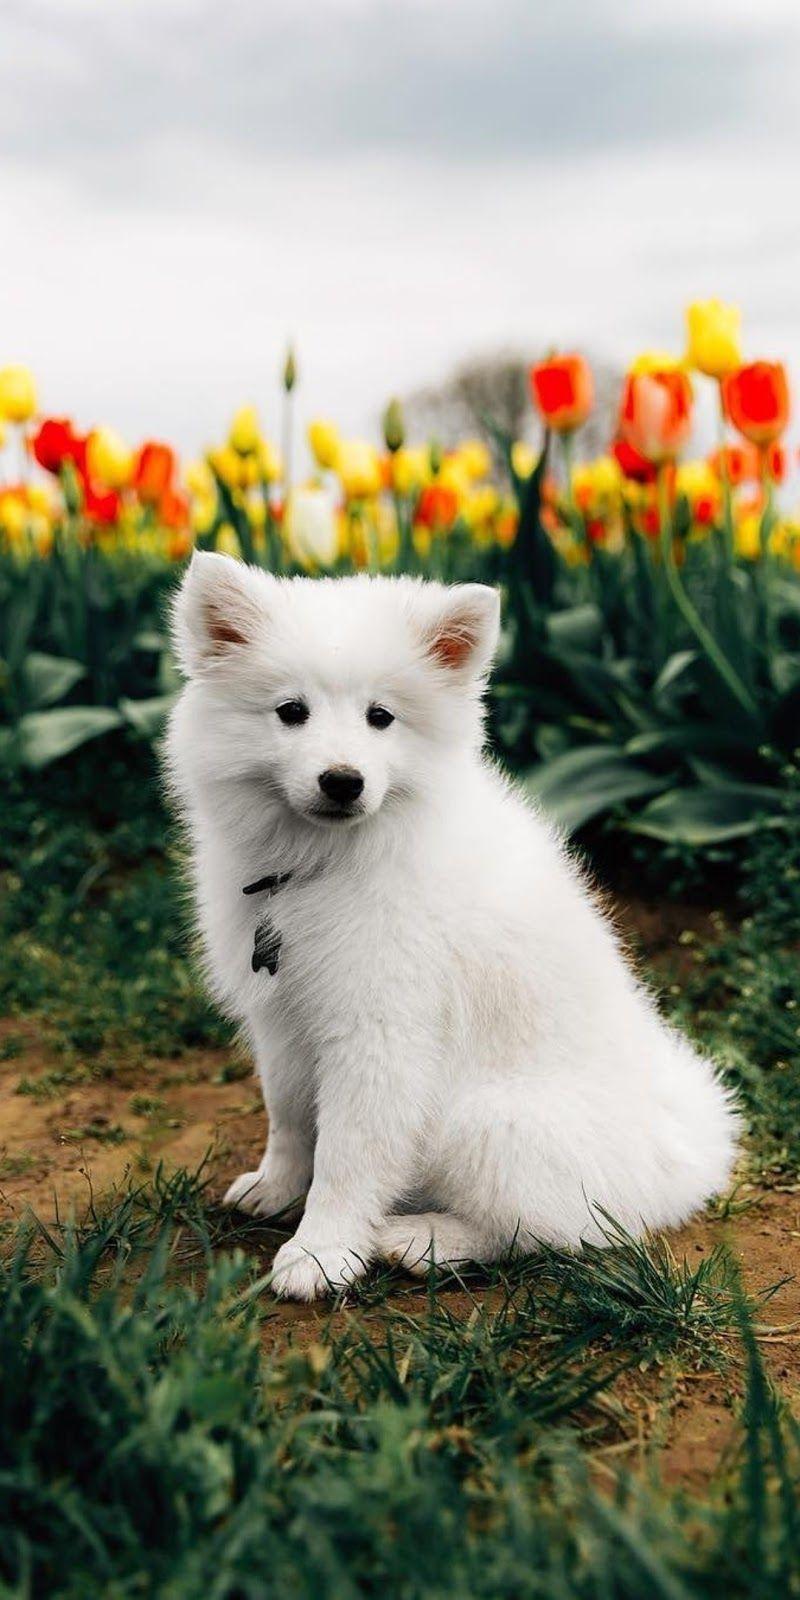 Cute Puppy Wallpaper Cutepuppyforwallpaper Cute Puppy Wallpaper Puppy Backgrounds Puppy Wallpaper